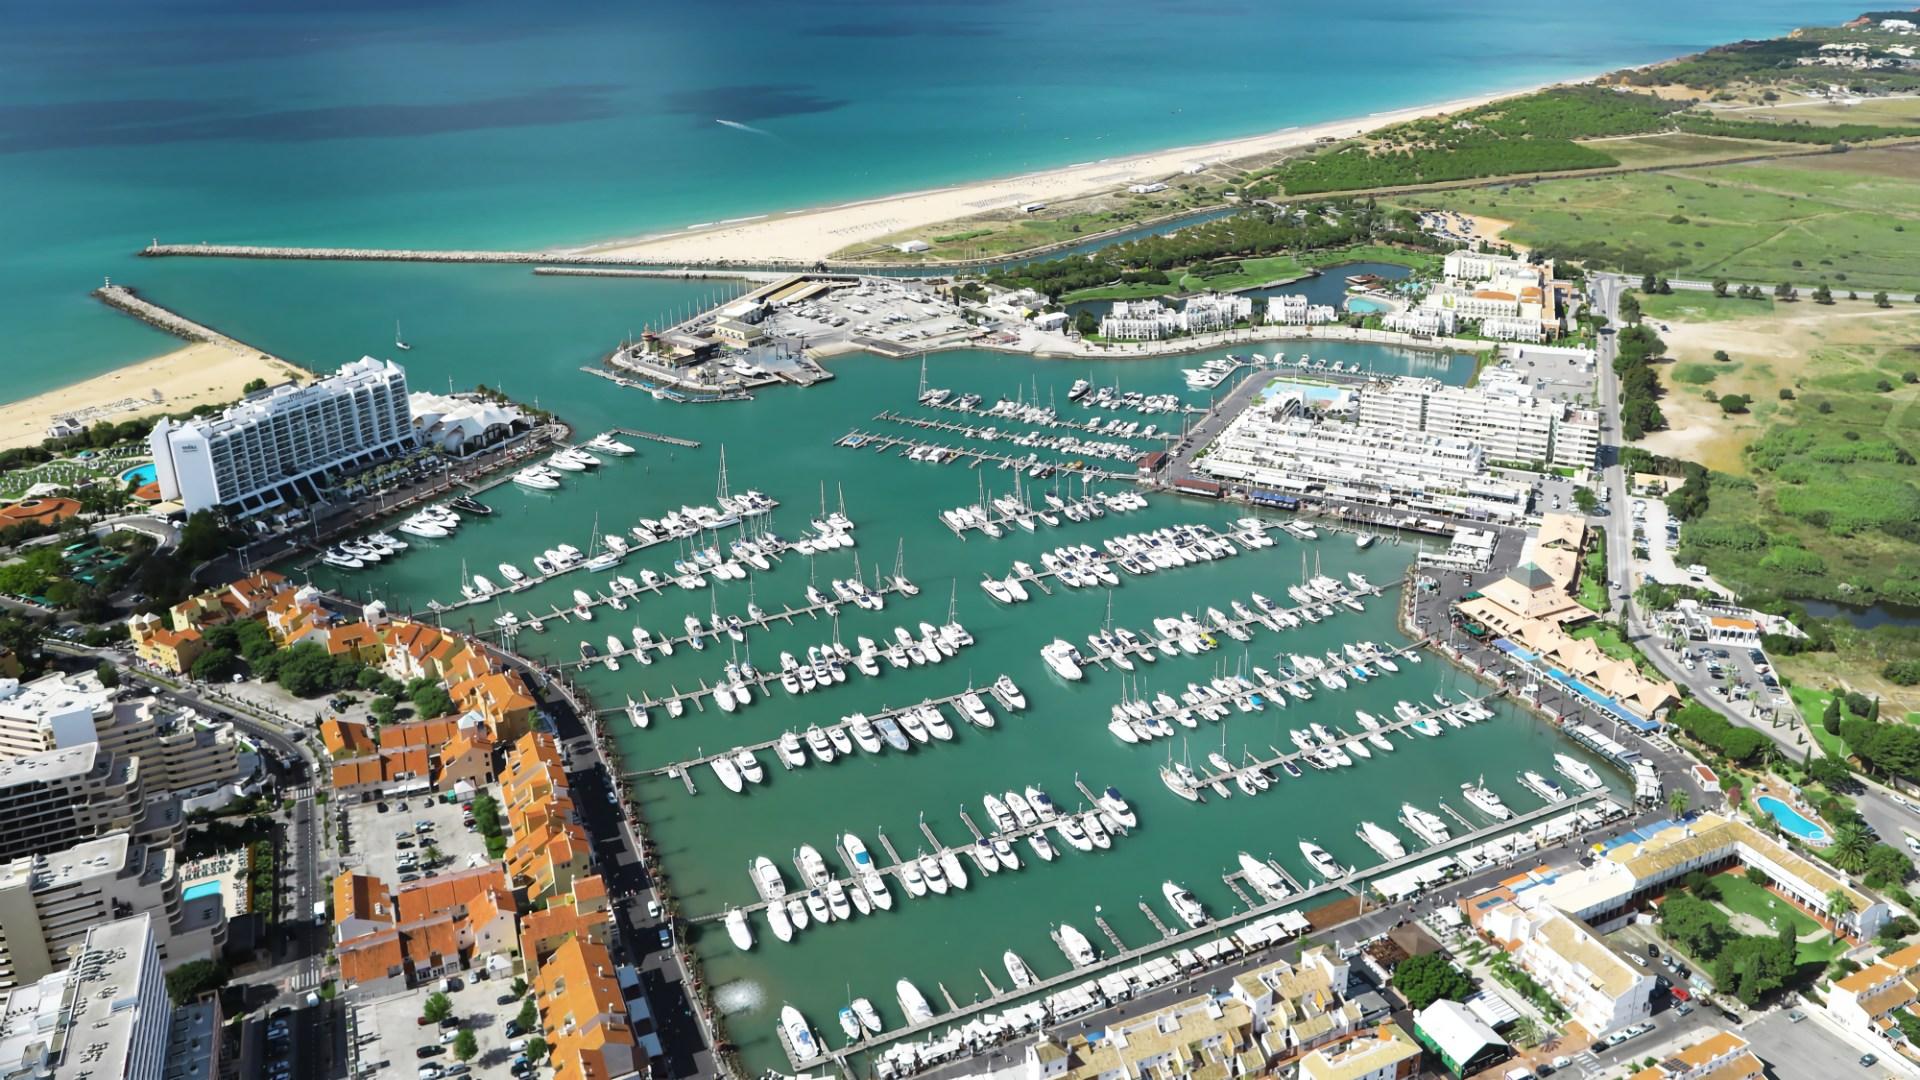 Marina-vilamoura-aerial-view